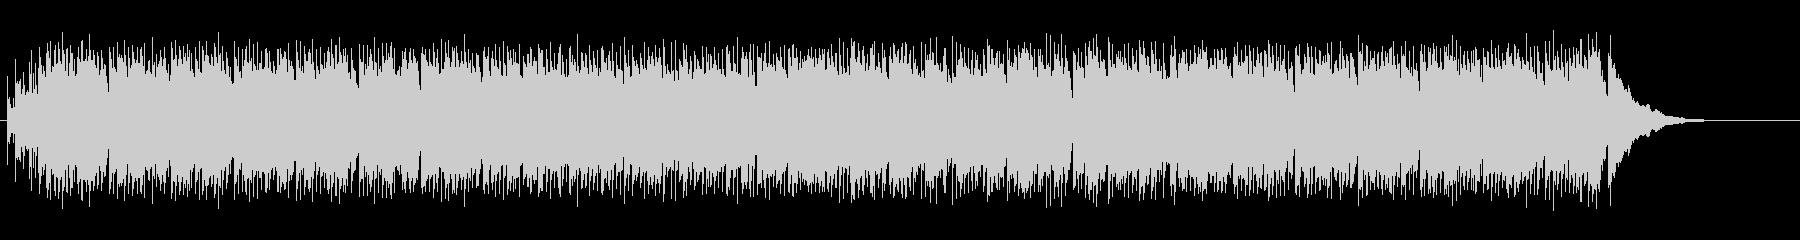 陽気なサーフ・サウンド系エレキ・ポップスの未再生の波形